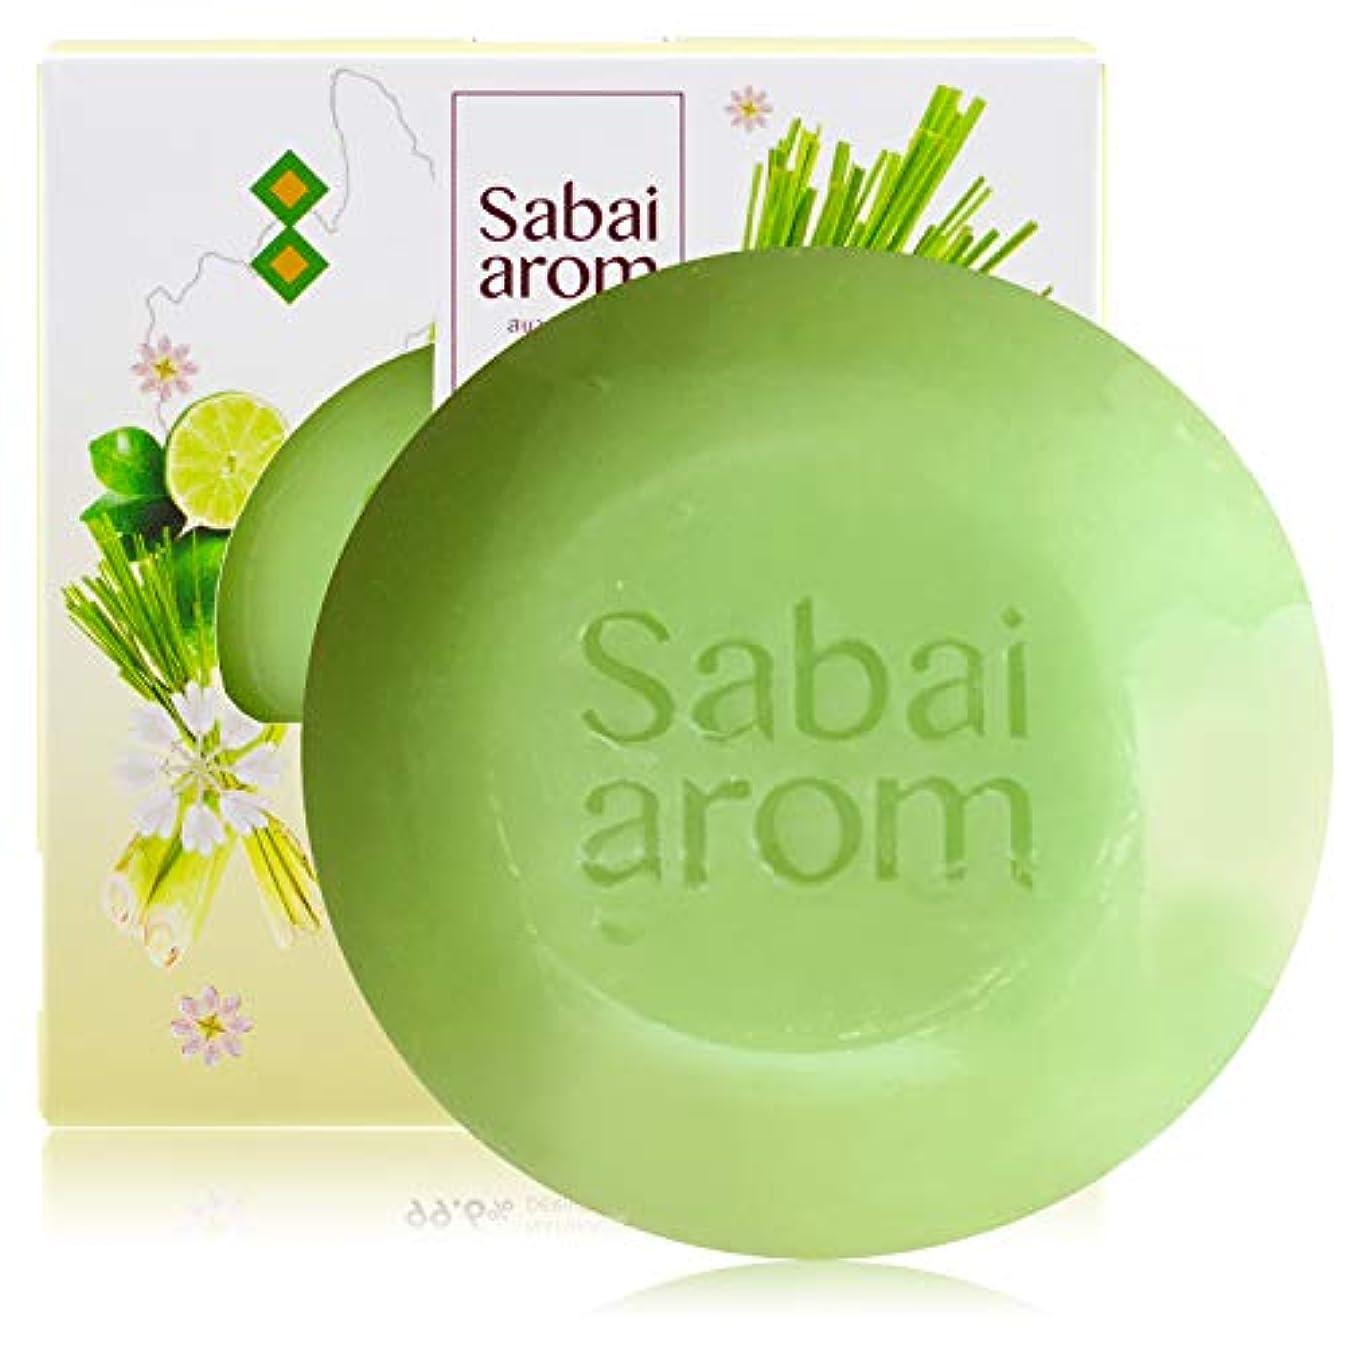 転用妊娠した斧サバイアロム(Sabai-arom) レモングラス フェイス&ボディソープバー (石鹸) 100g【LMG】【001】